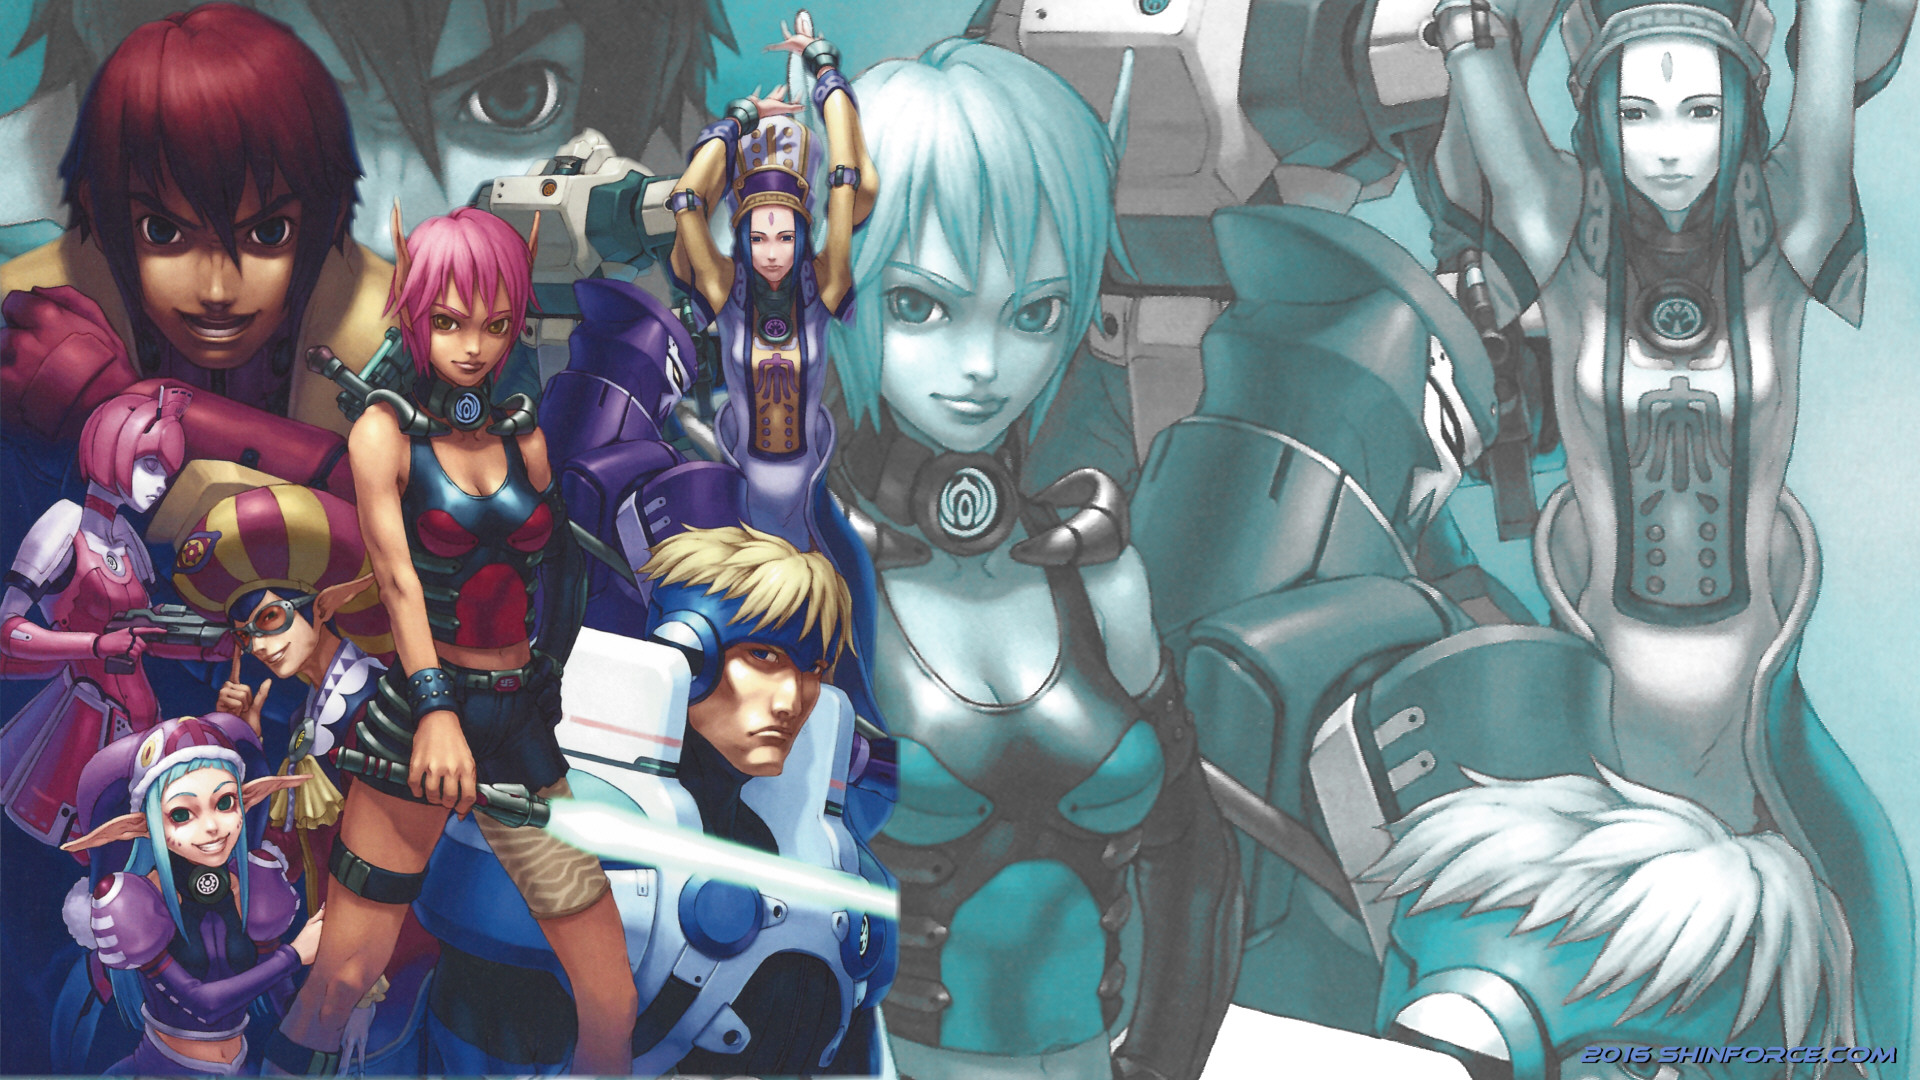 Phantasy Star Online Wallpaper: Phantasy Star Online :: Wallpaper 07